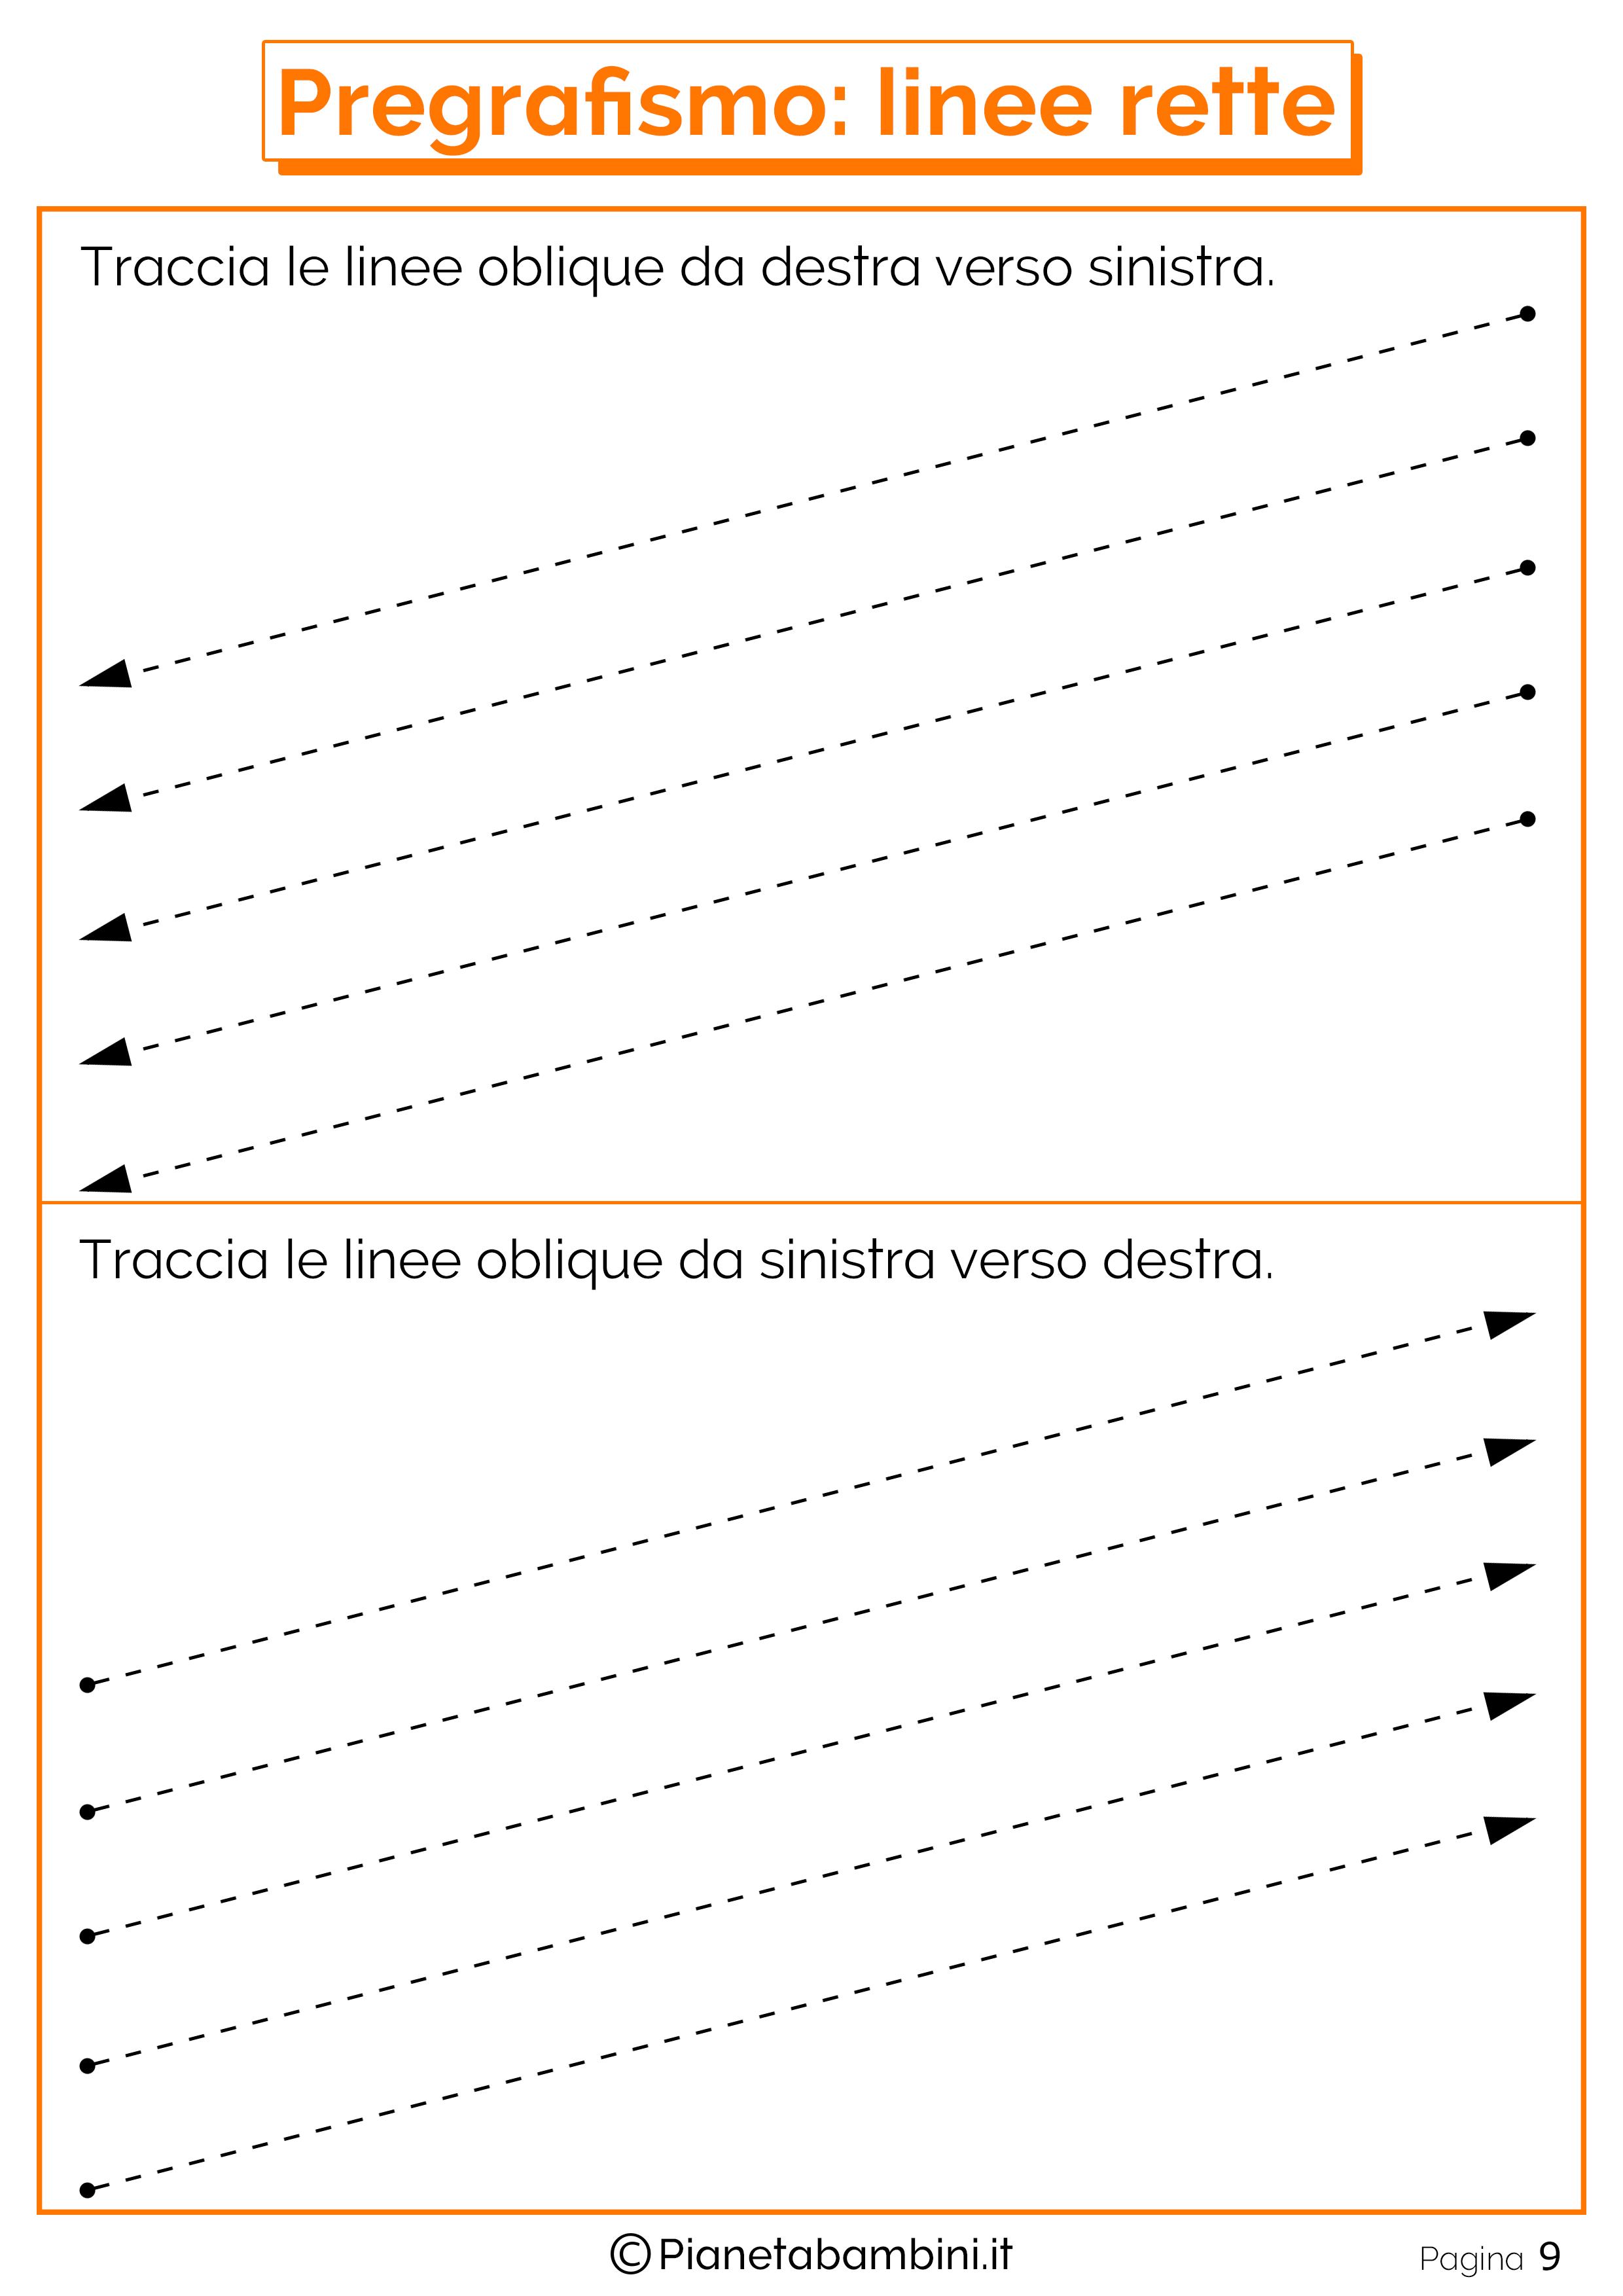 Pregrafismo-Linee-Rette_09